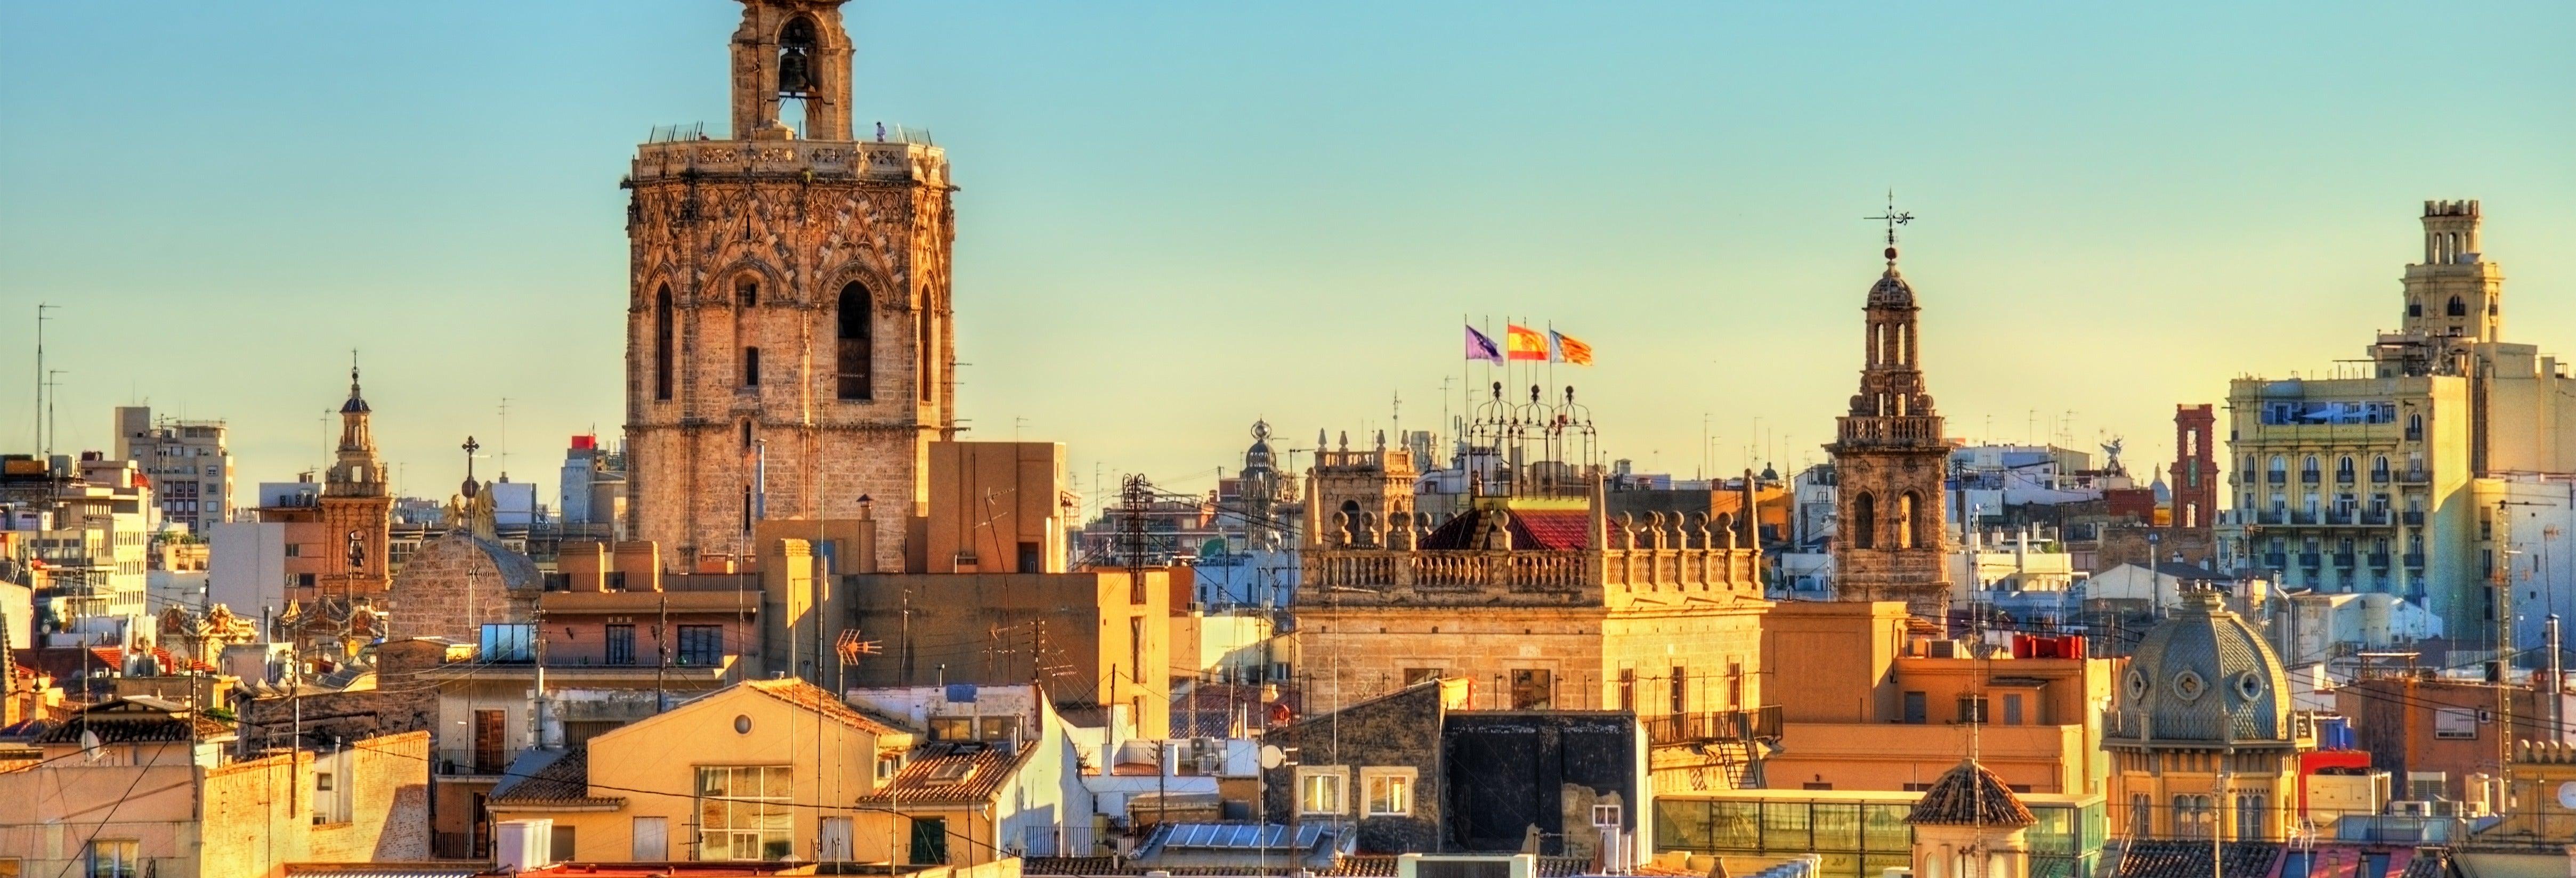 Tour en todoterreno descapotable por Valencia